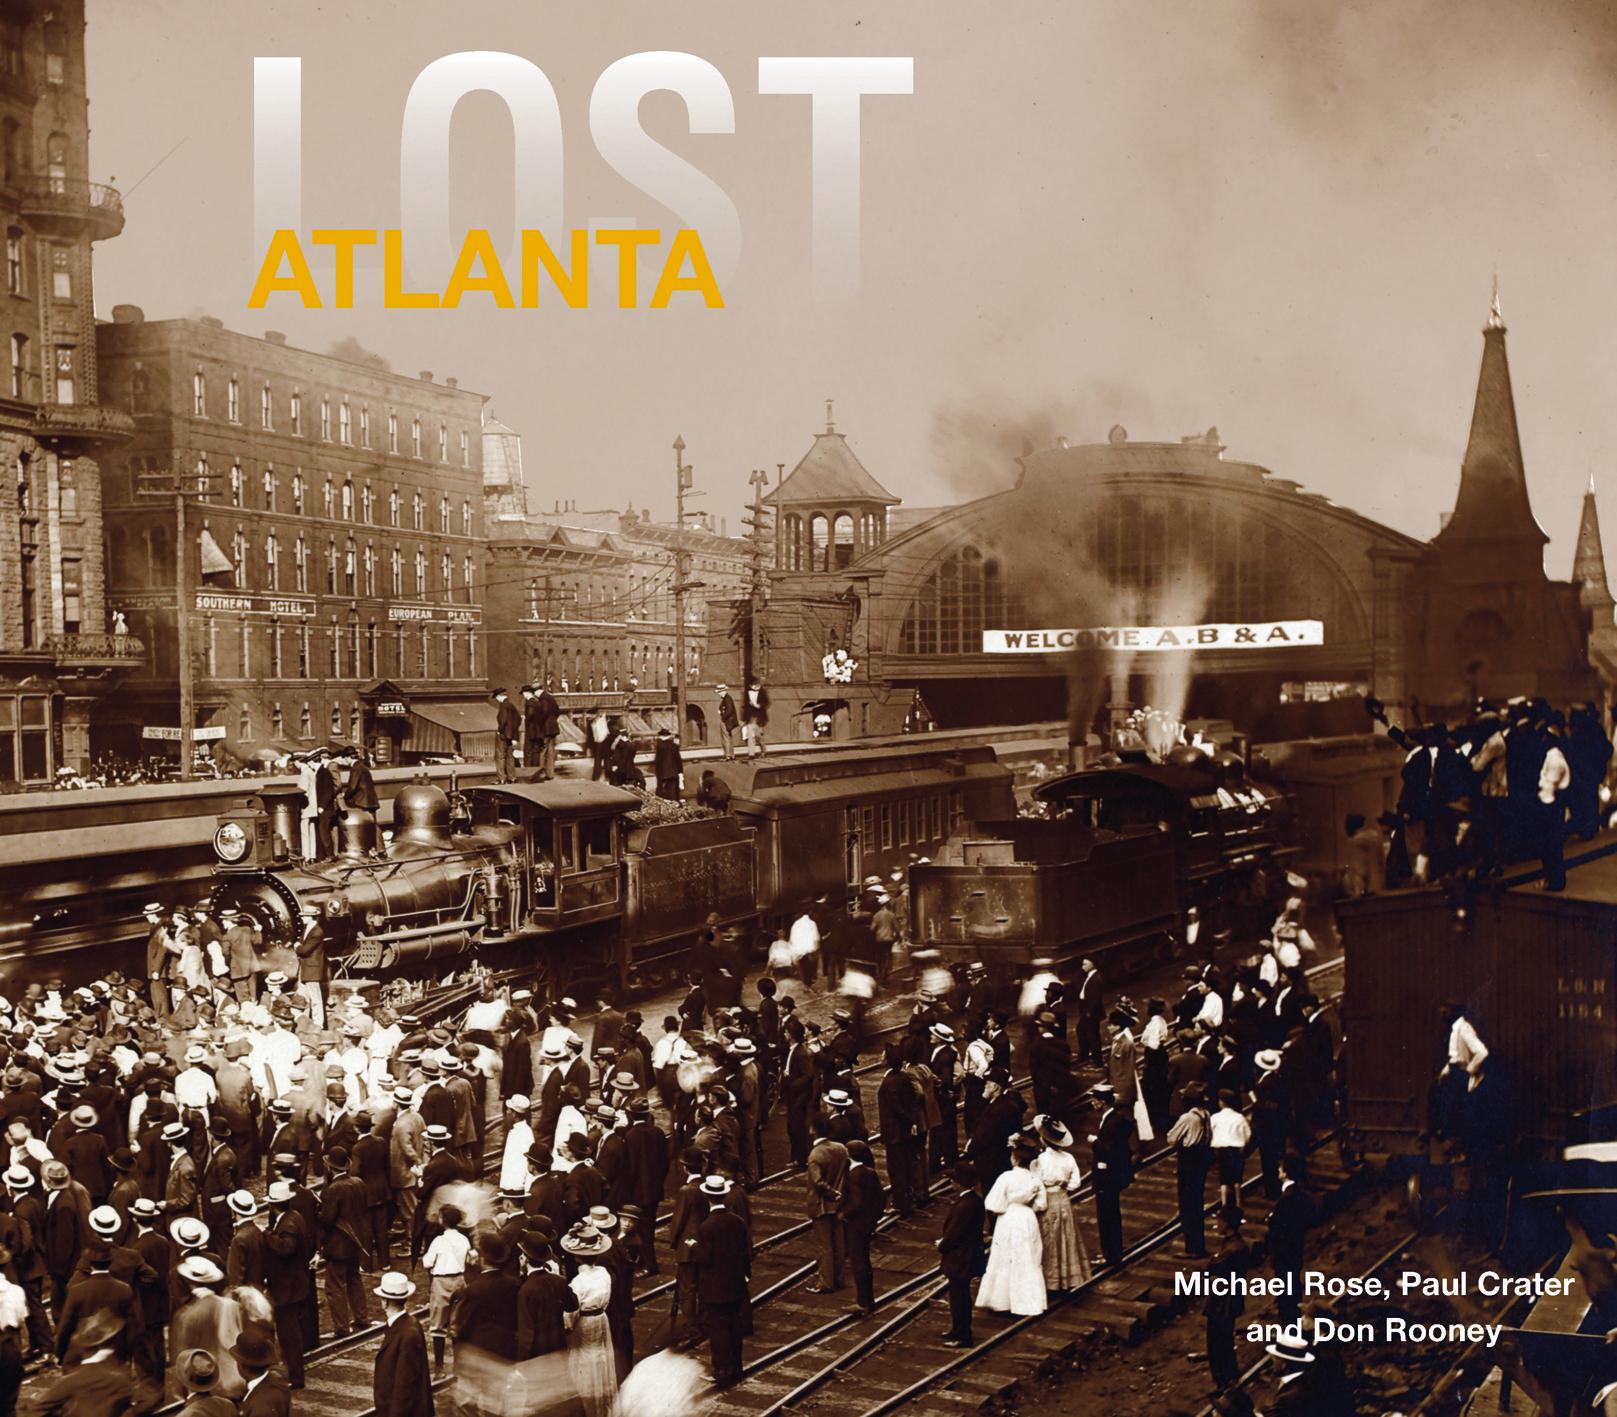 Lost Atlanta